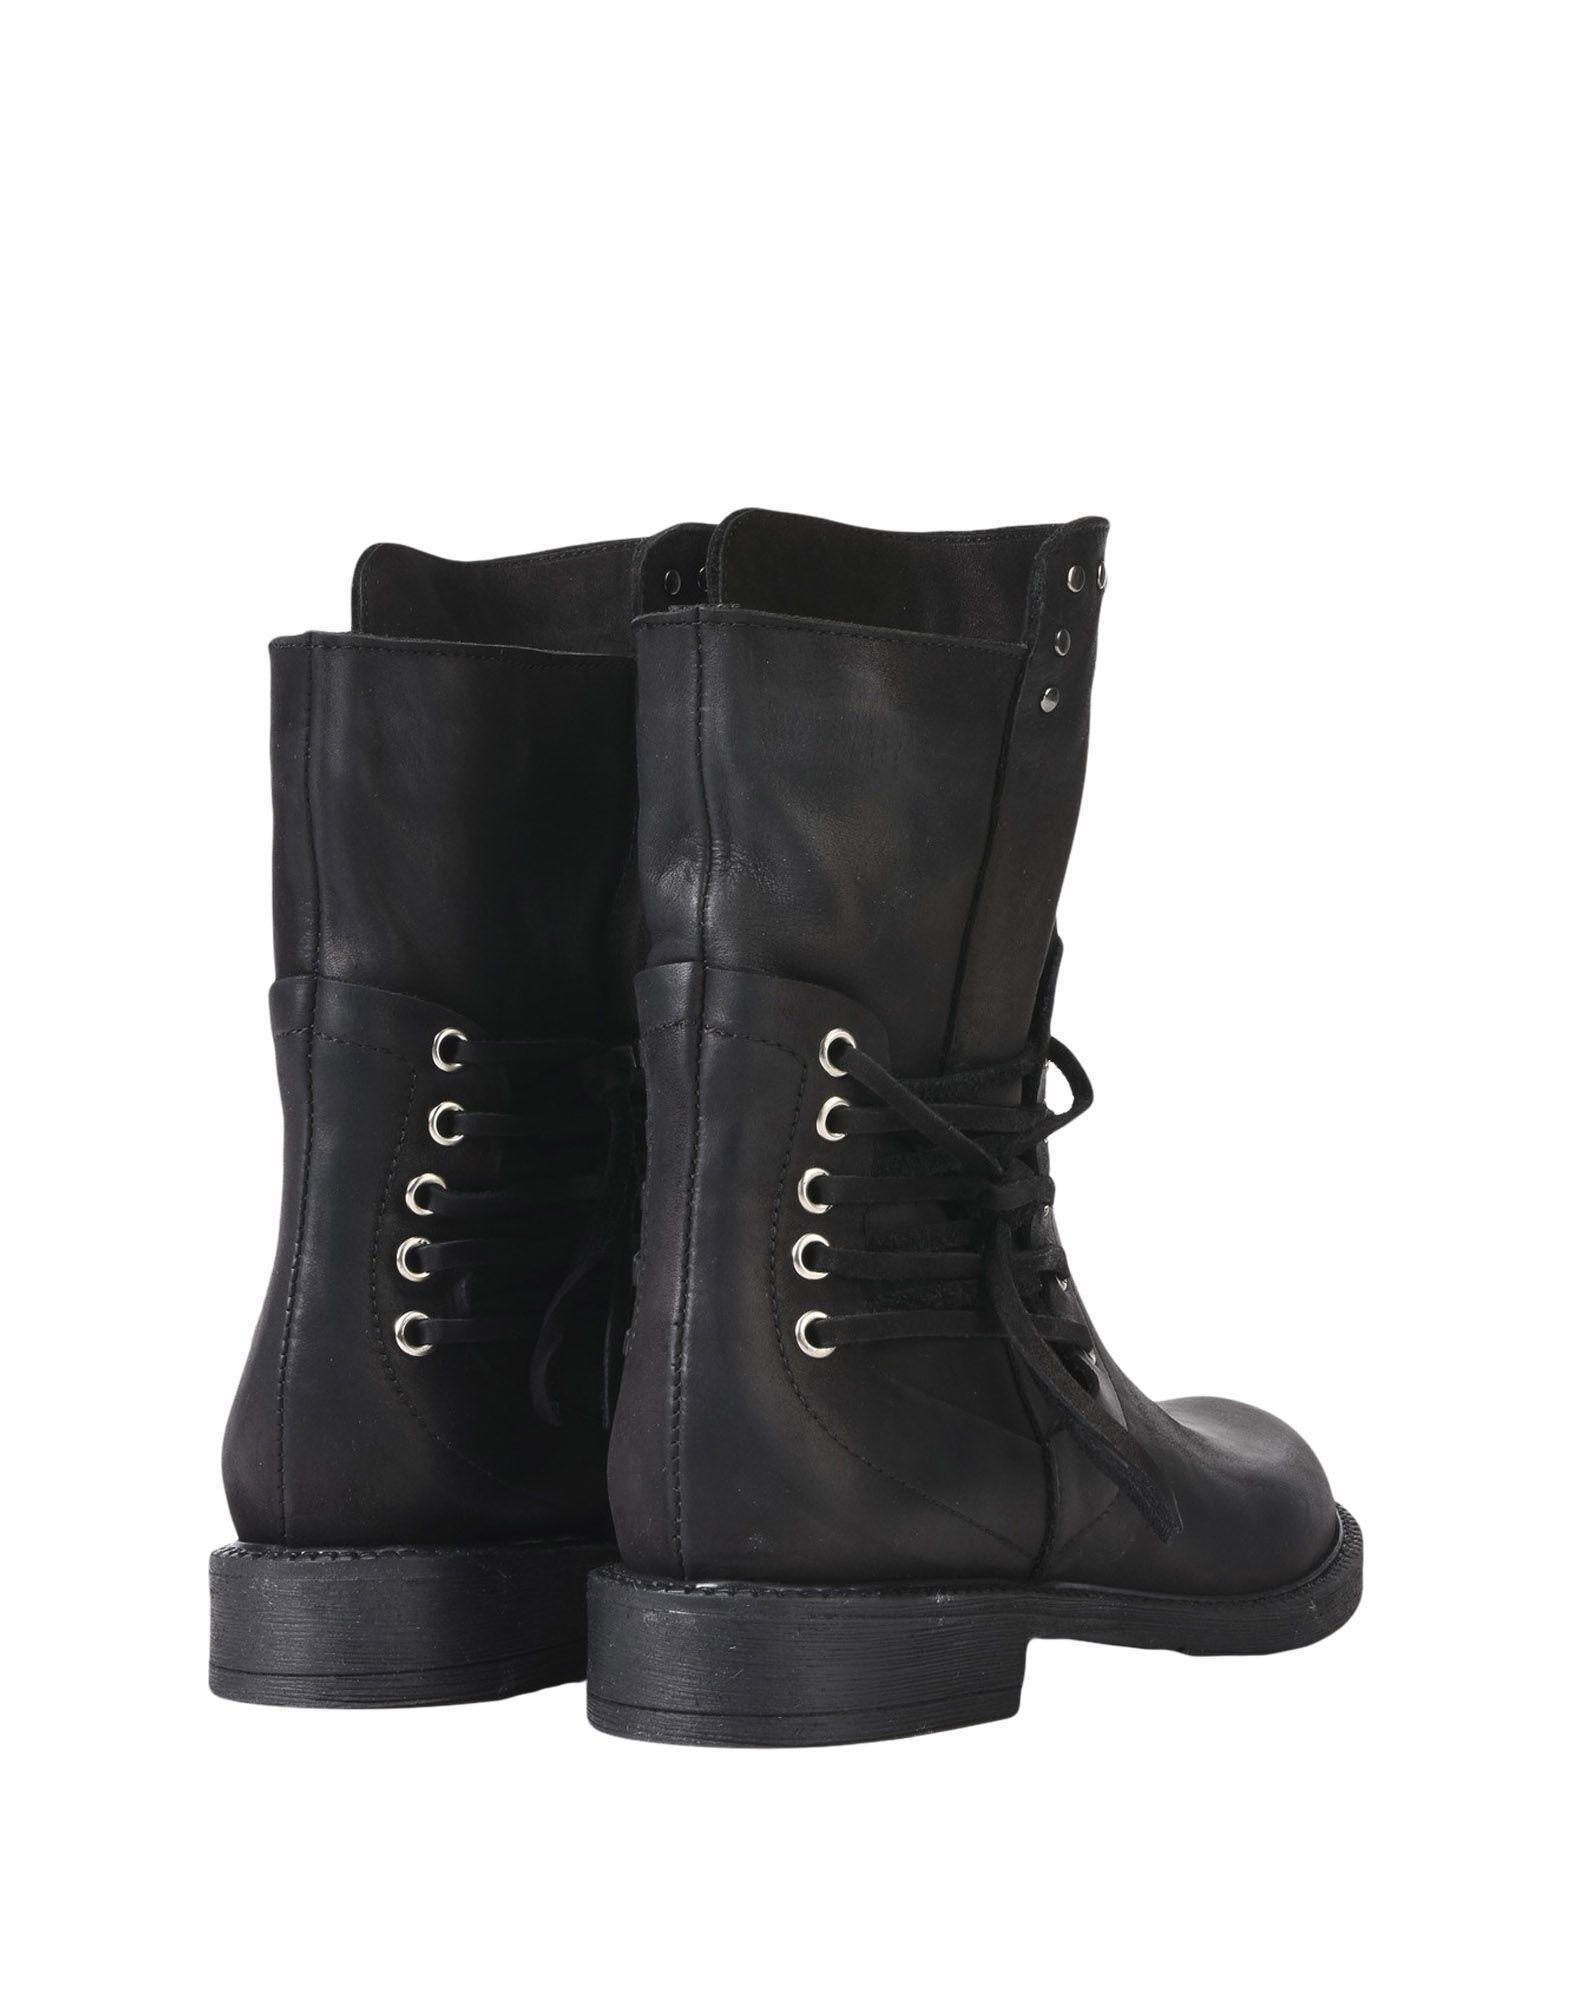 Stilvolle Stilvolle Stilvolle billige Schuhe Fabrizio Chini Stiefelette Damen  11534891DQ c51759